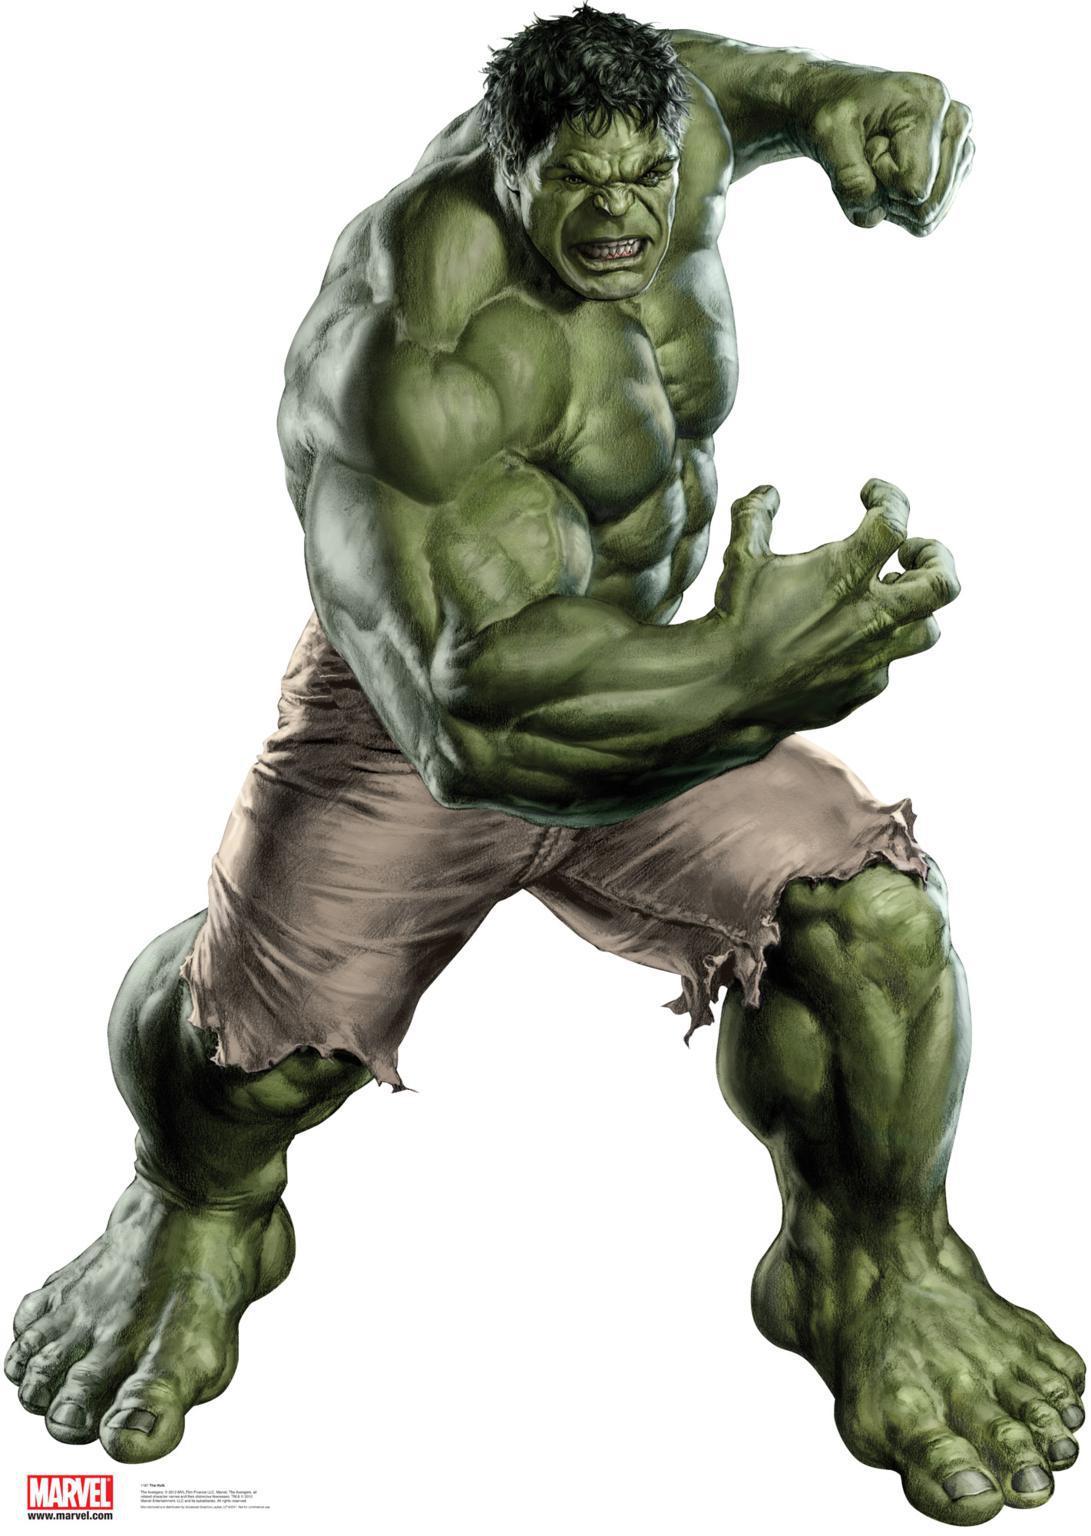 The incredible hulk jaden 39 s adventures wiki fandom - Images avengers ...